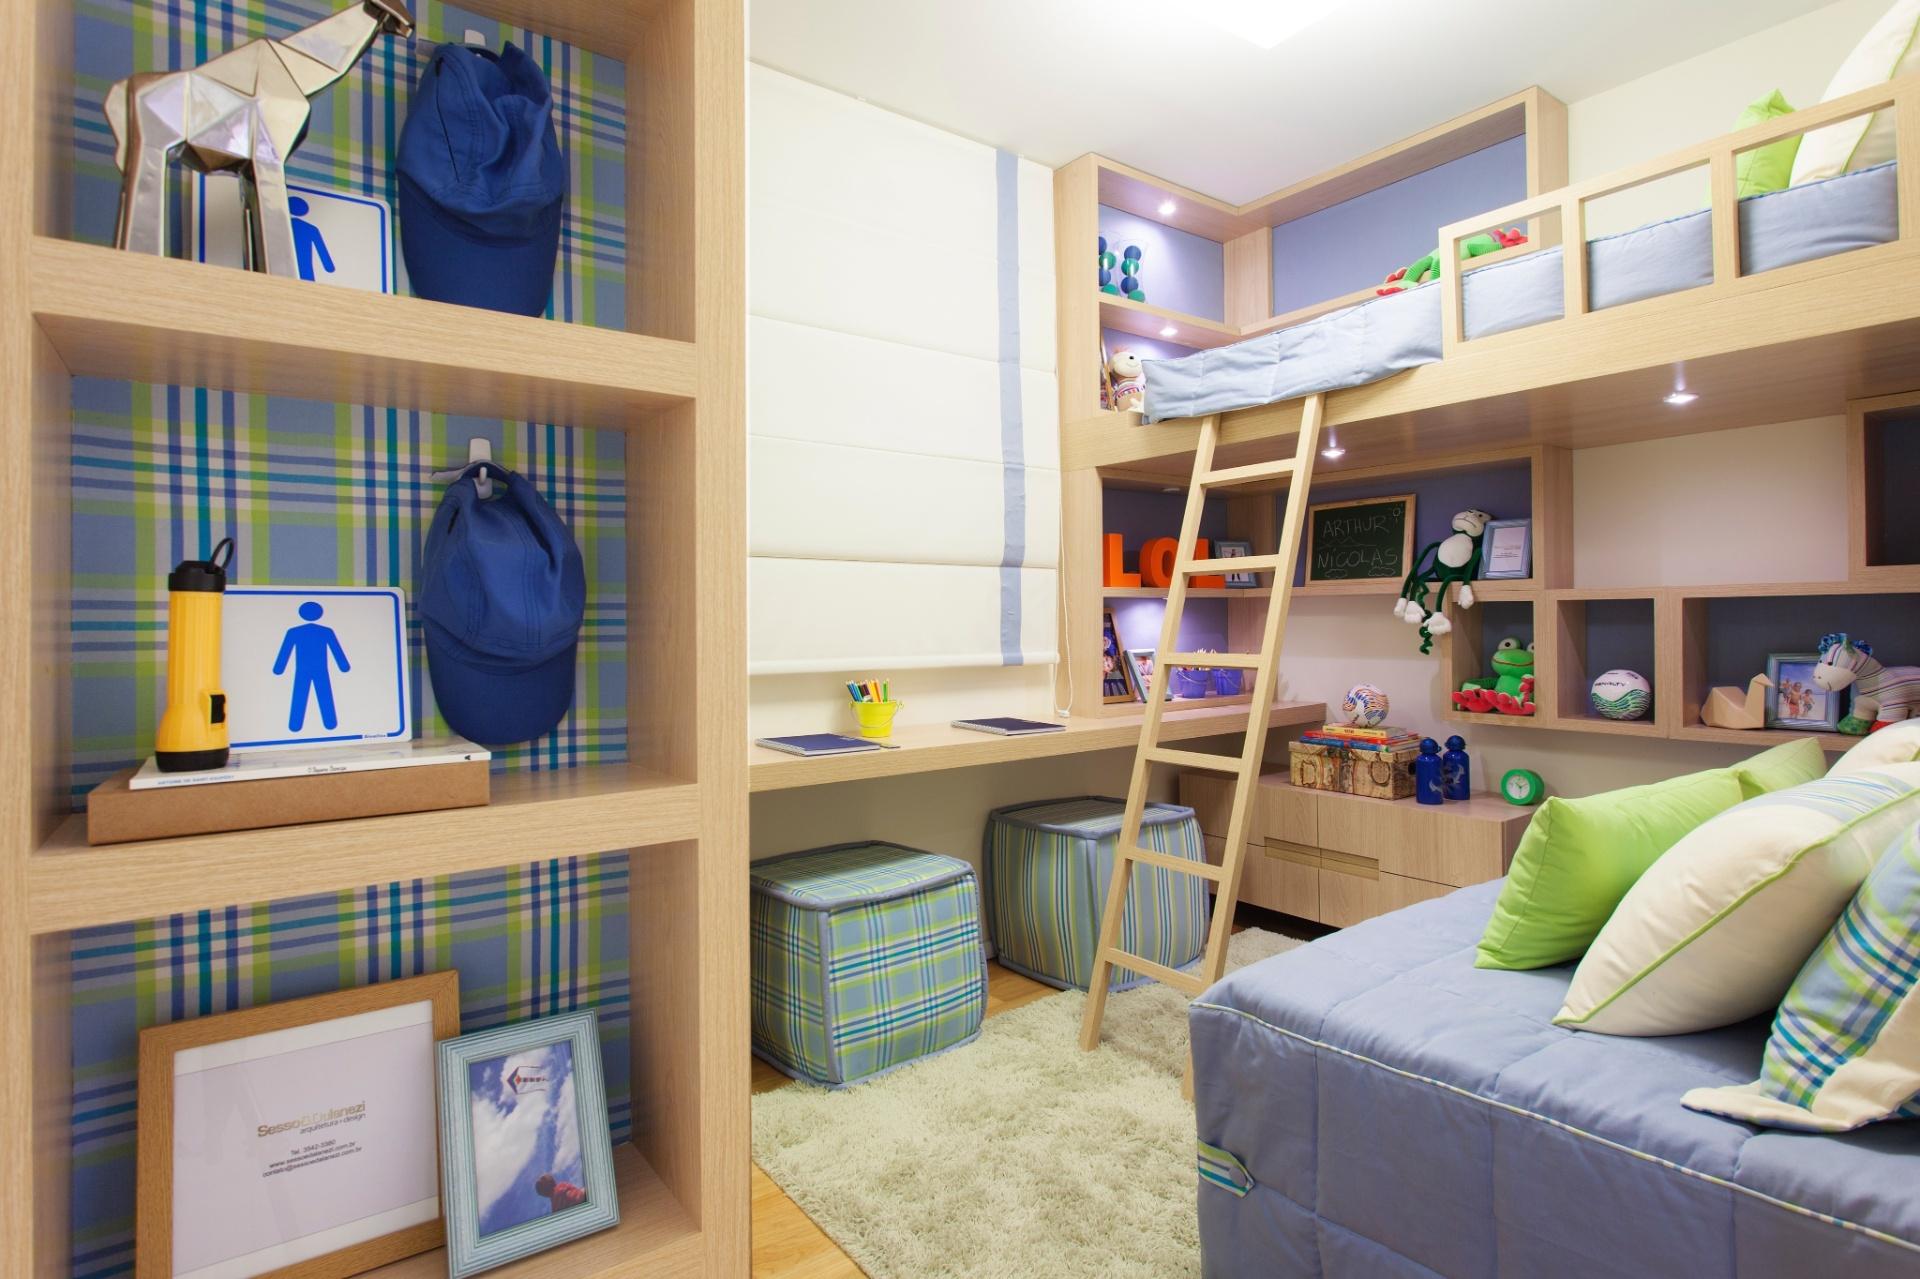 A marcenaria inteligente (Portal da Madeira) é o ponto alto deste projeto assinado pelos arquitetos Marcello Sesso e Débora Dalanezi, em um quarto com 7,6 m², para dois meninos de oito anos. Elevada, uma das camas deixa a área abaixo de si livre para nichos e brinquedos.